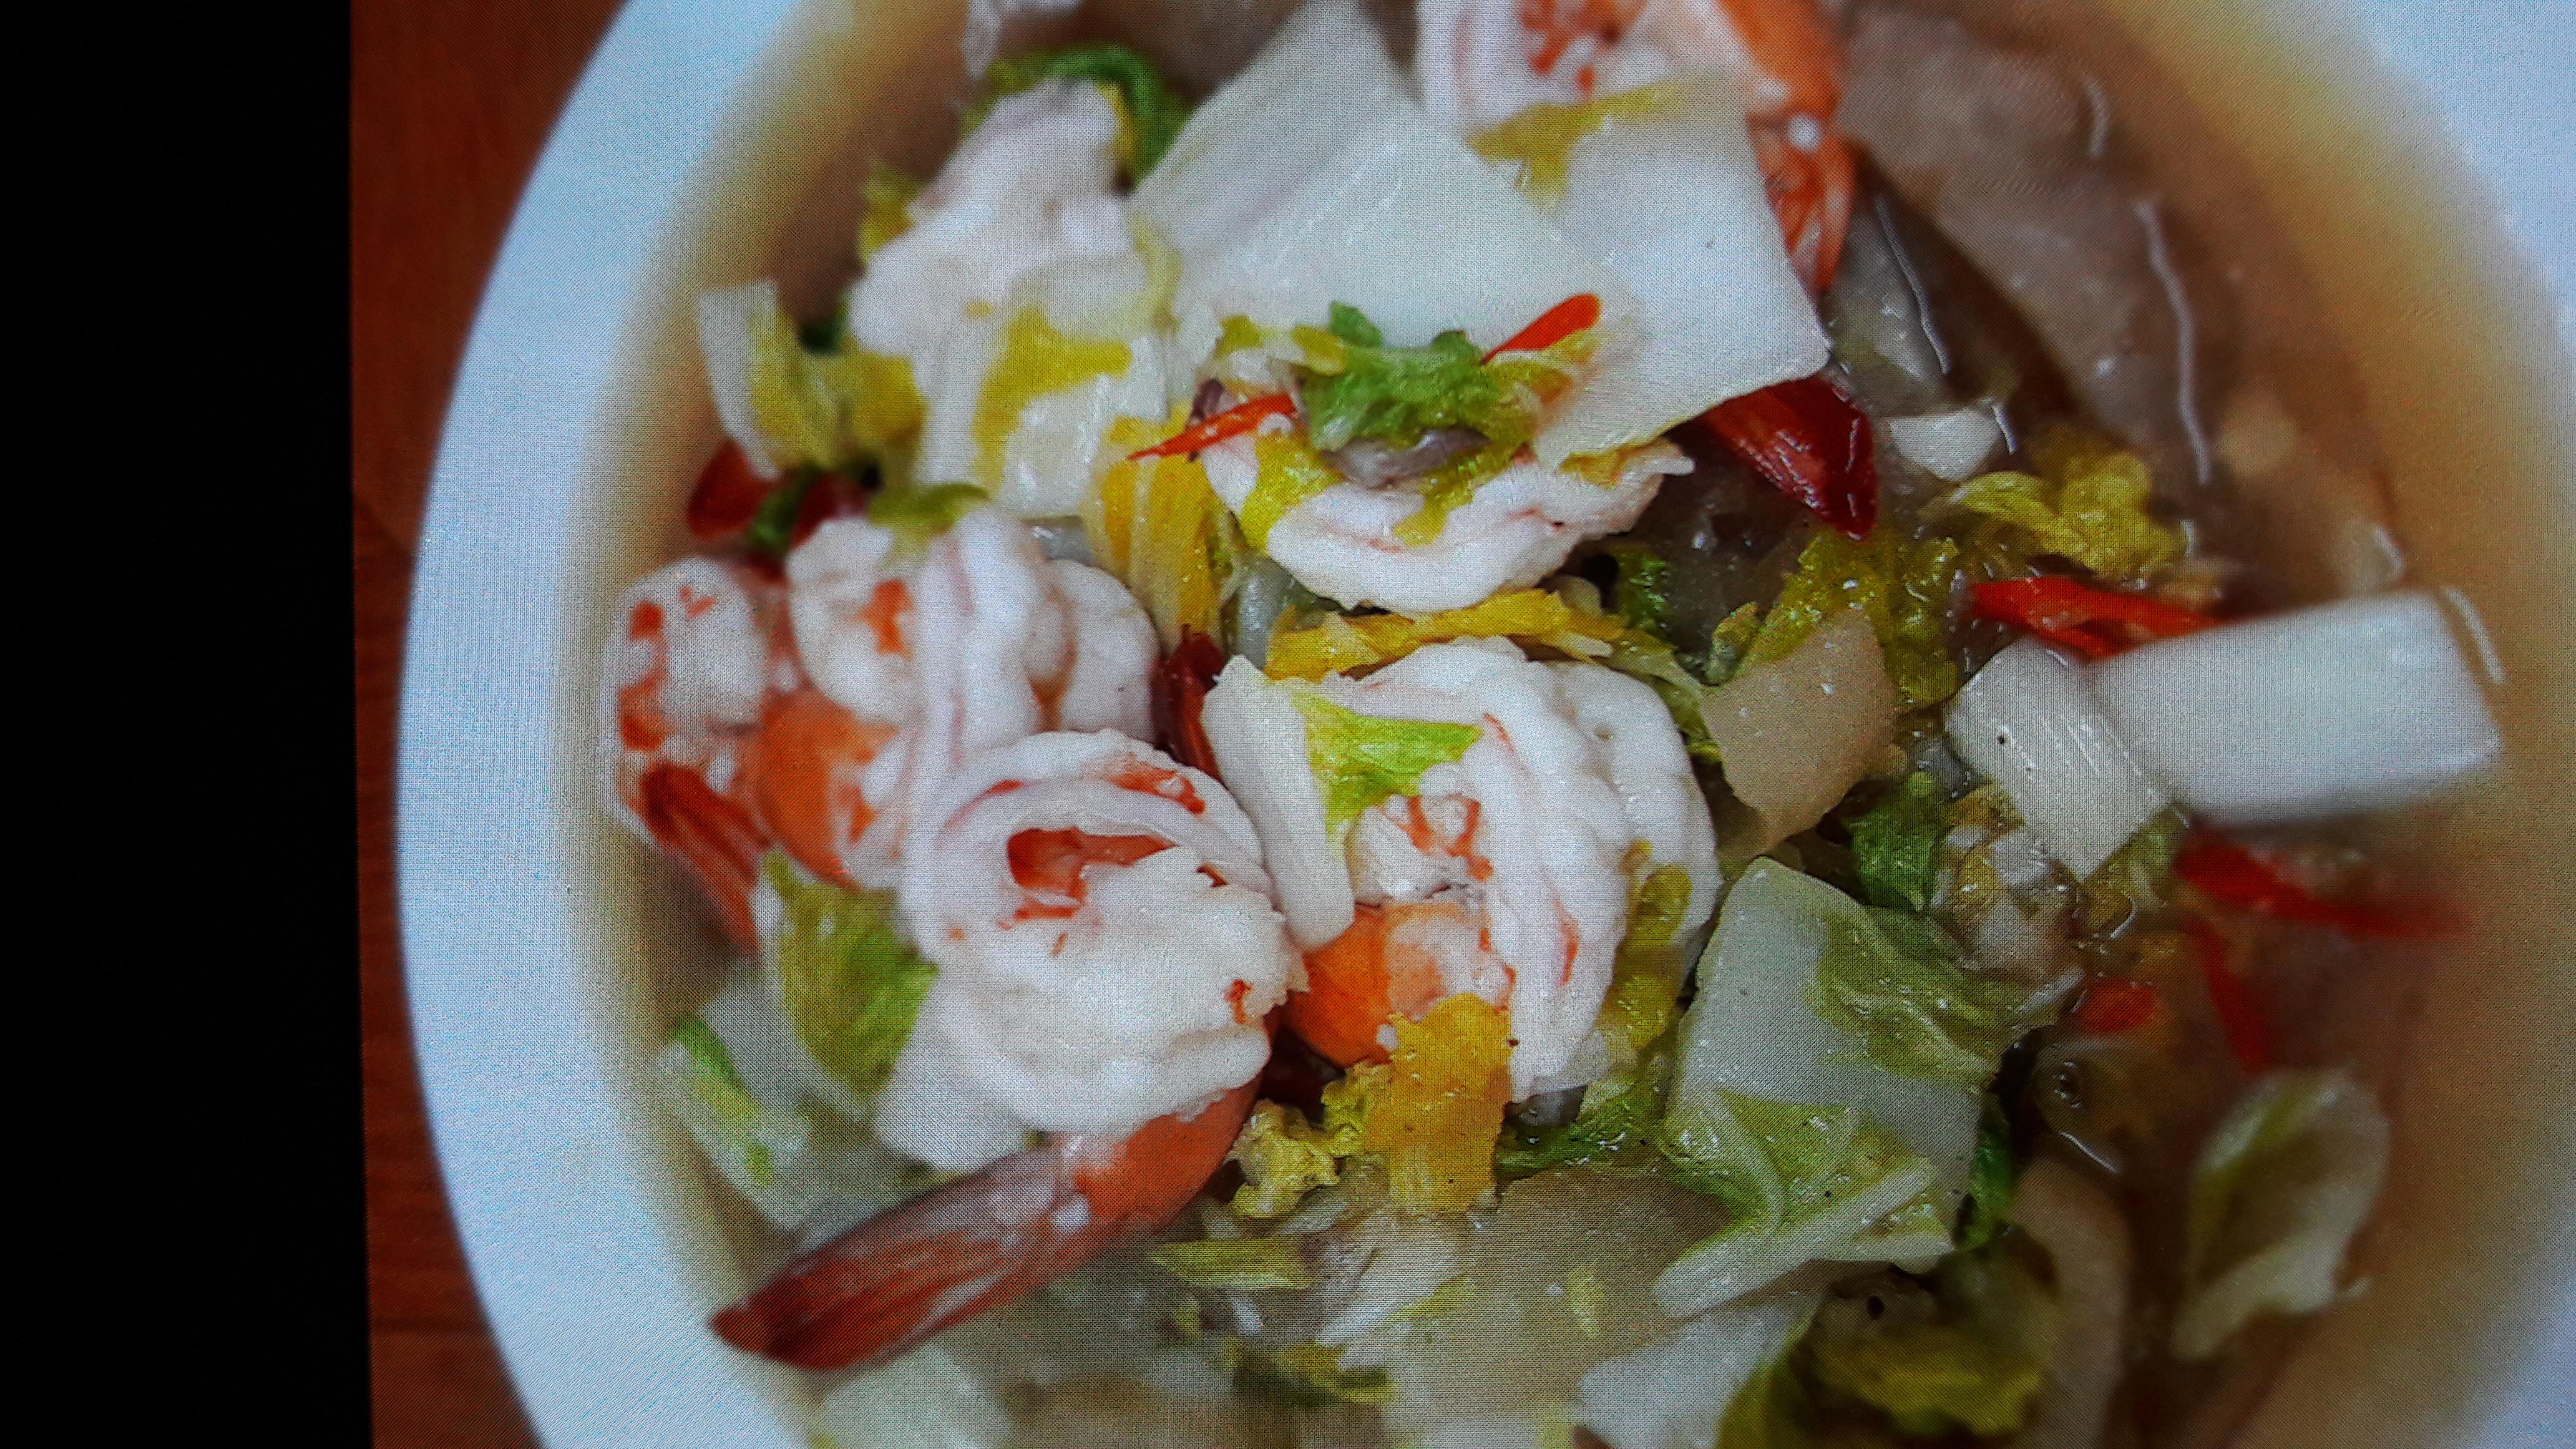 ผัดผักกาดขาวกุ้งใส่หนังหมู สูตรอาหาร วิธีทำ แม่บ้าน